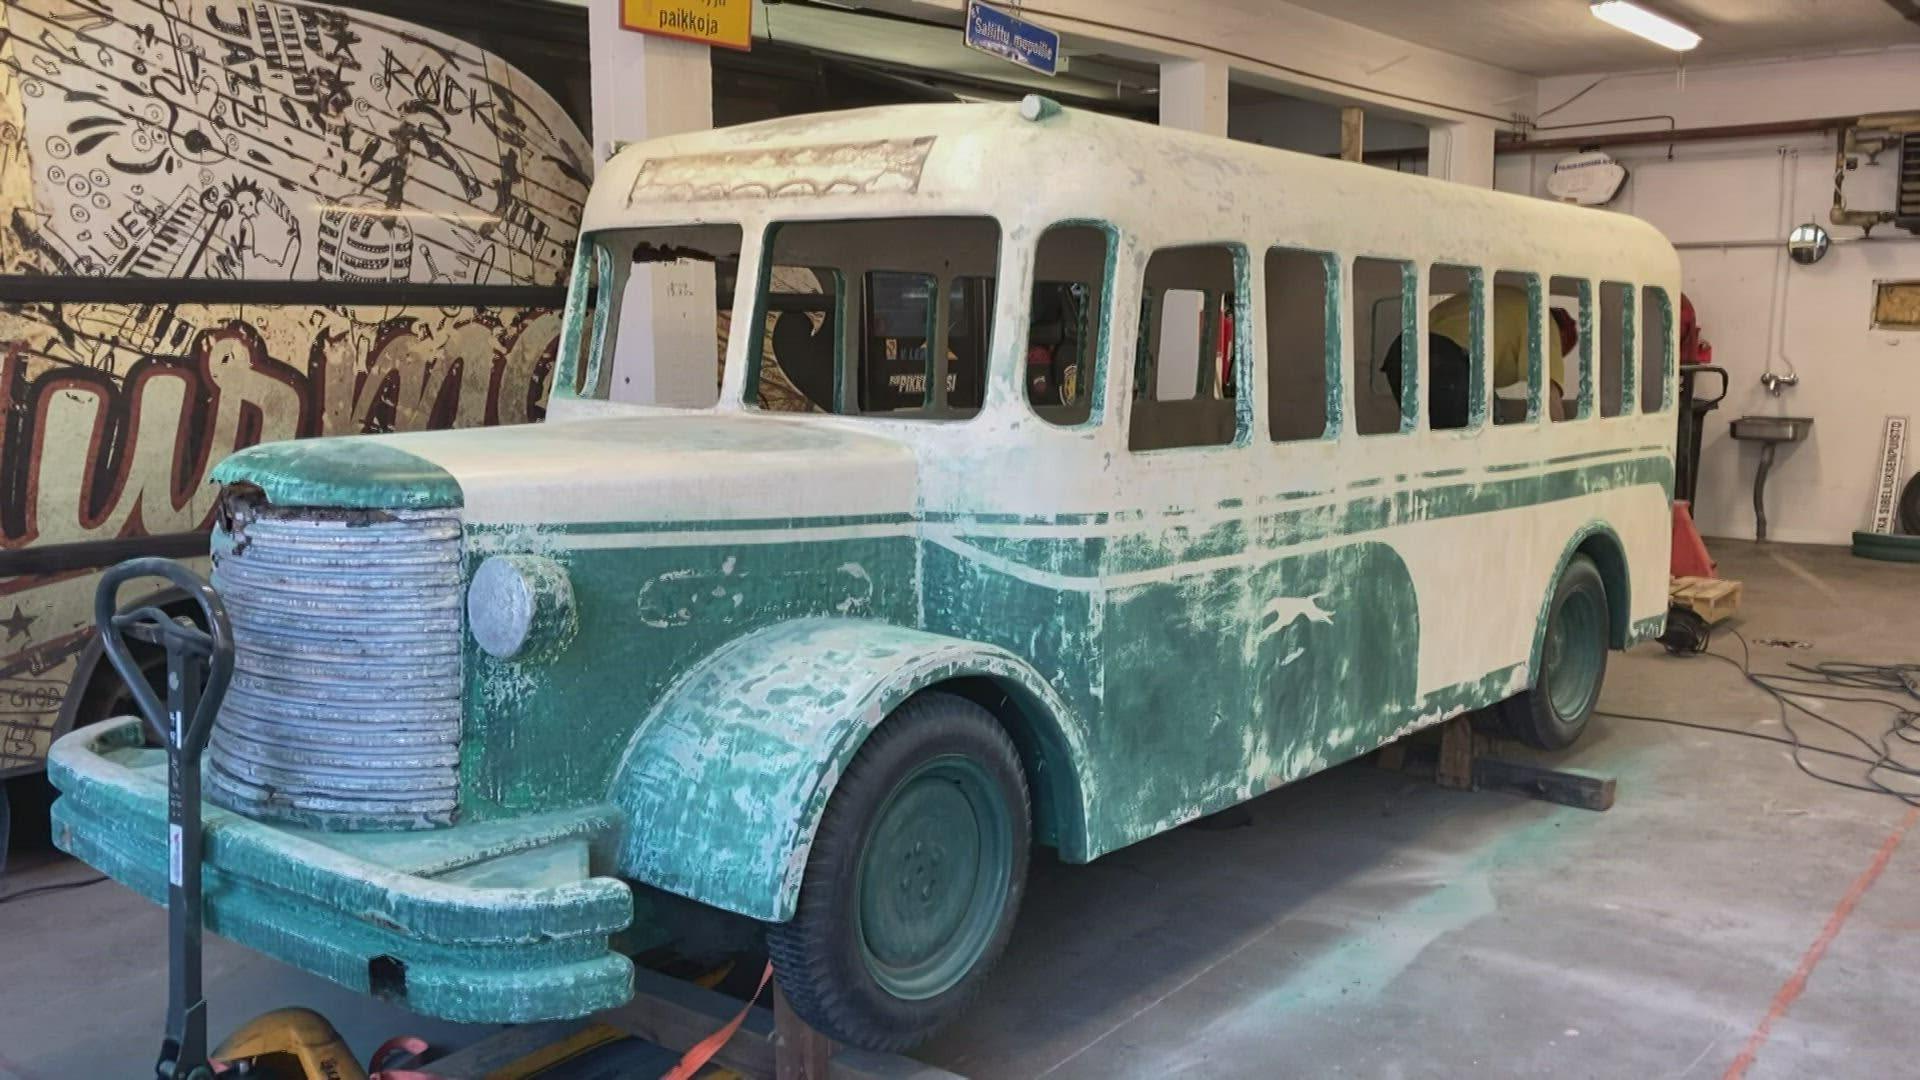 Suositun leikkibussin kunnostus alkoi Kotkassa